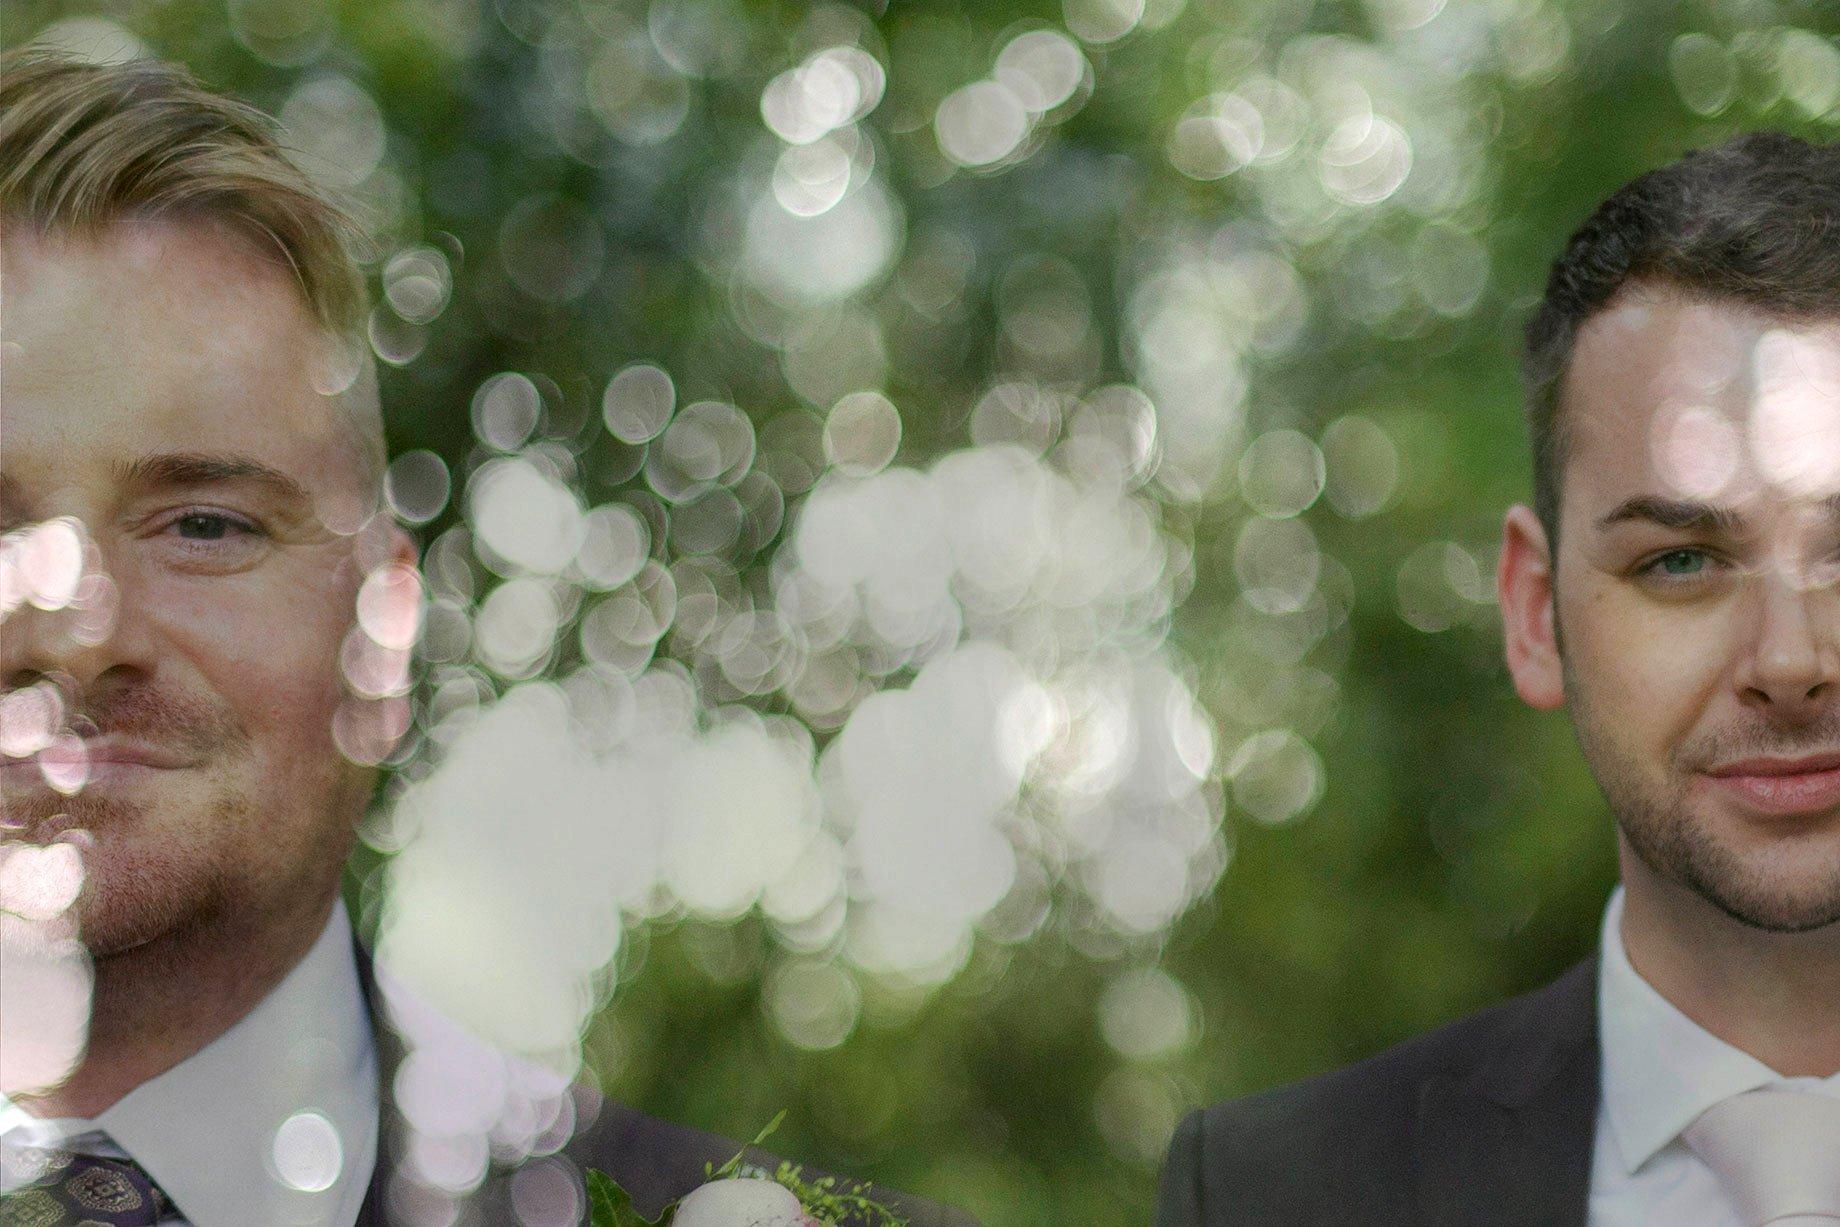 Graham & Brian Wedding at Bartle Hall